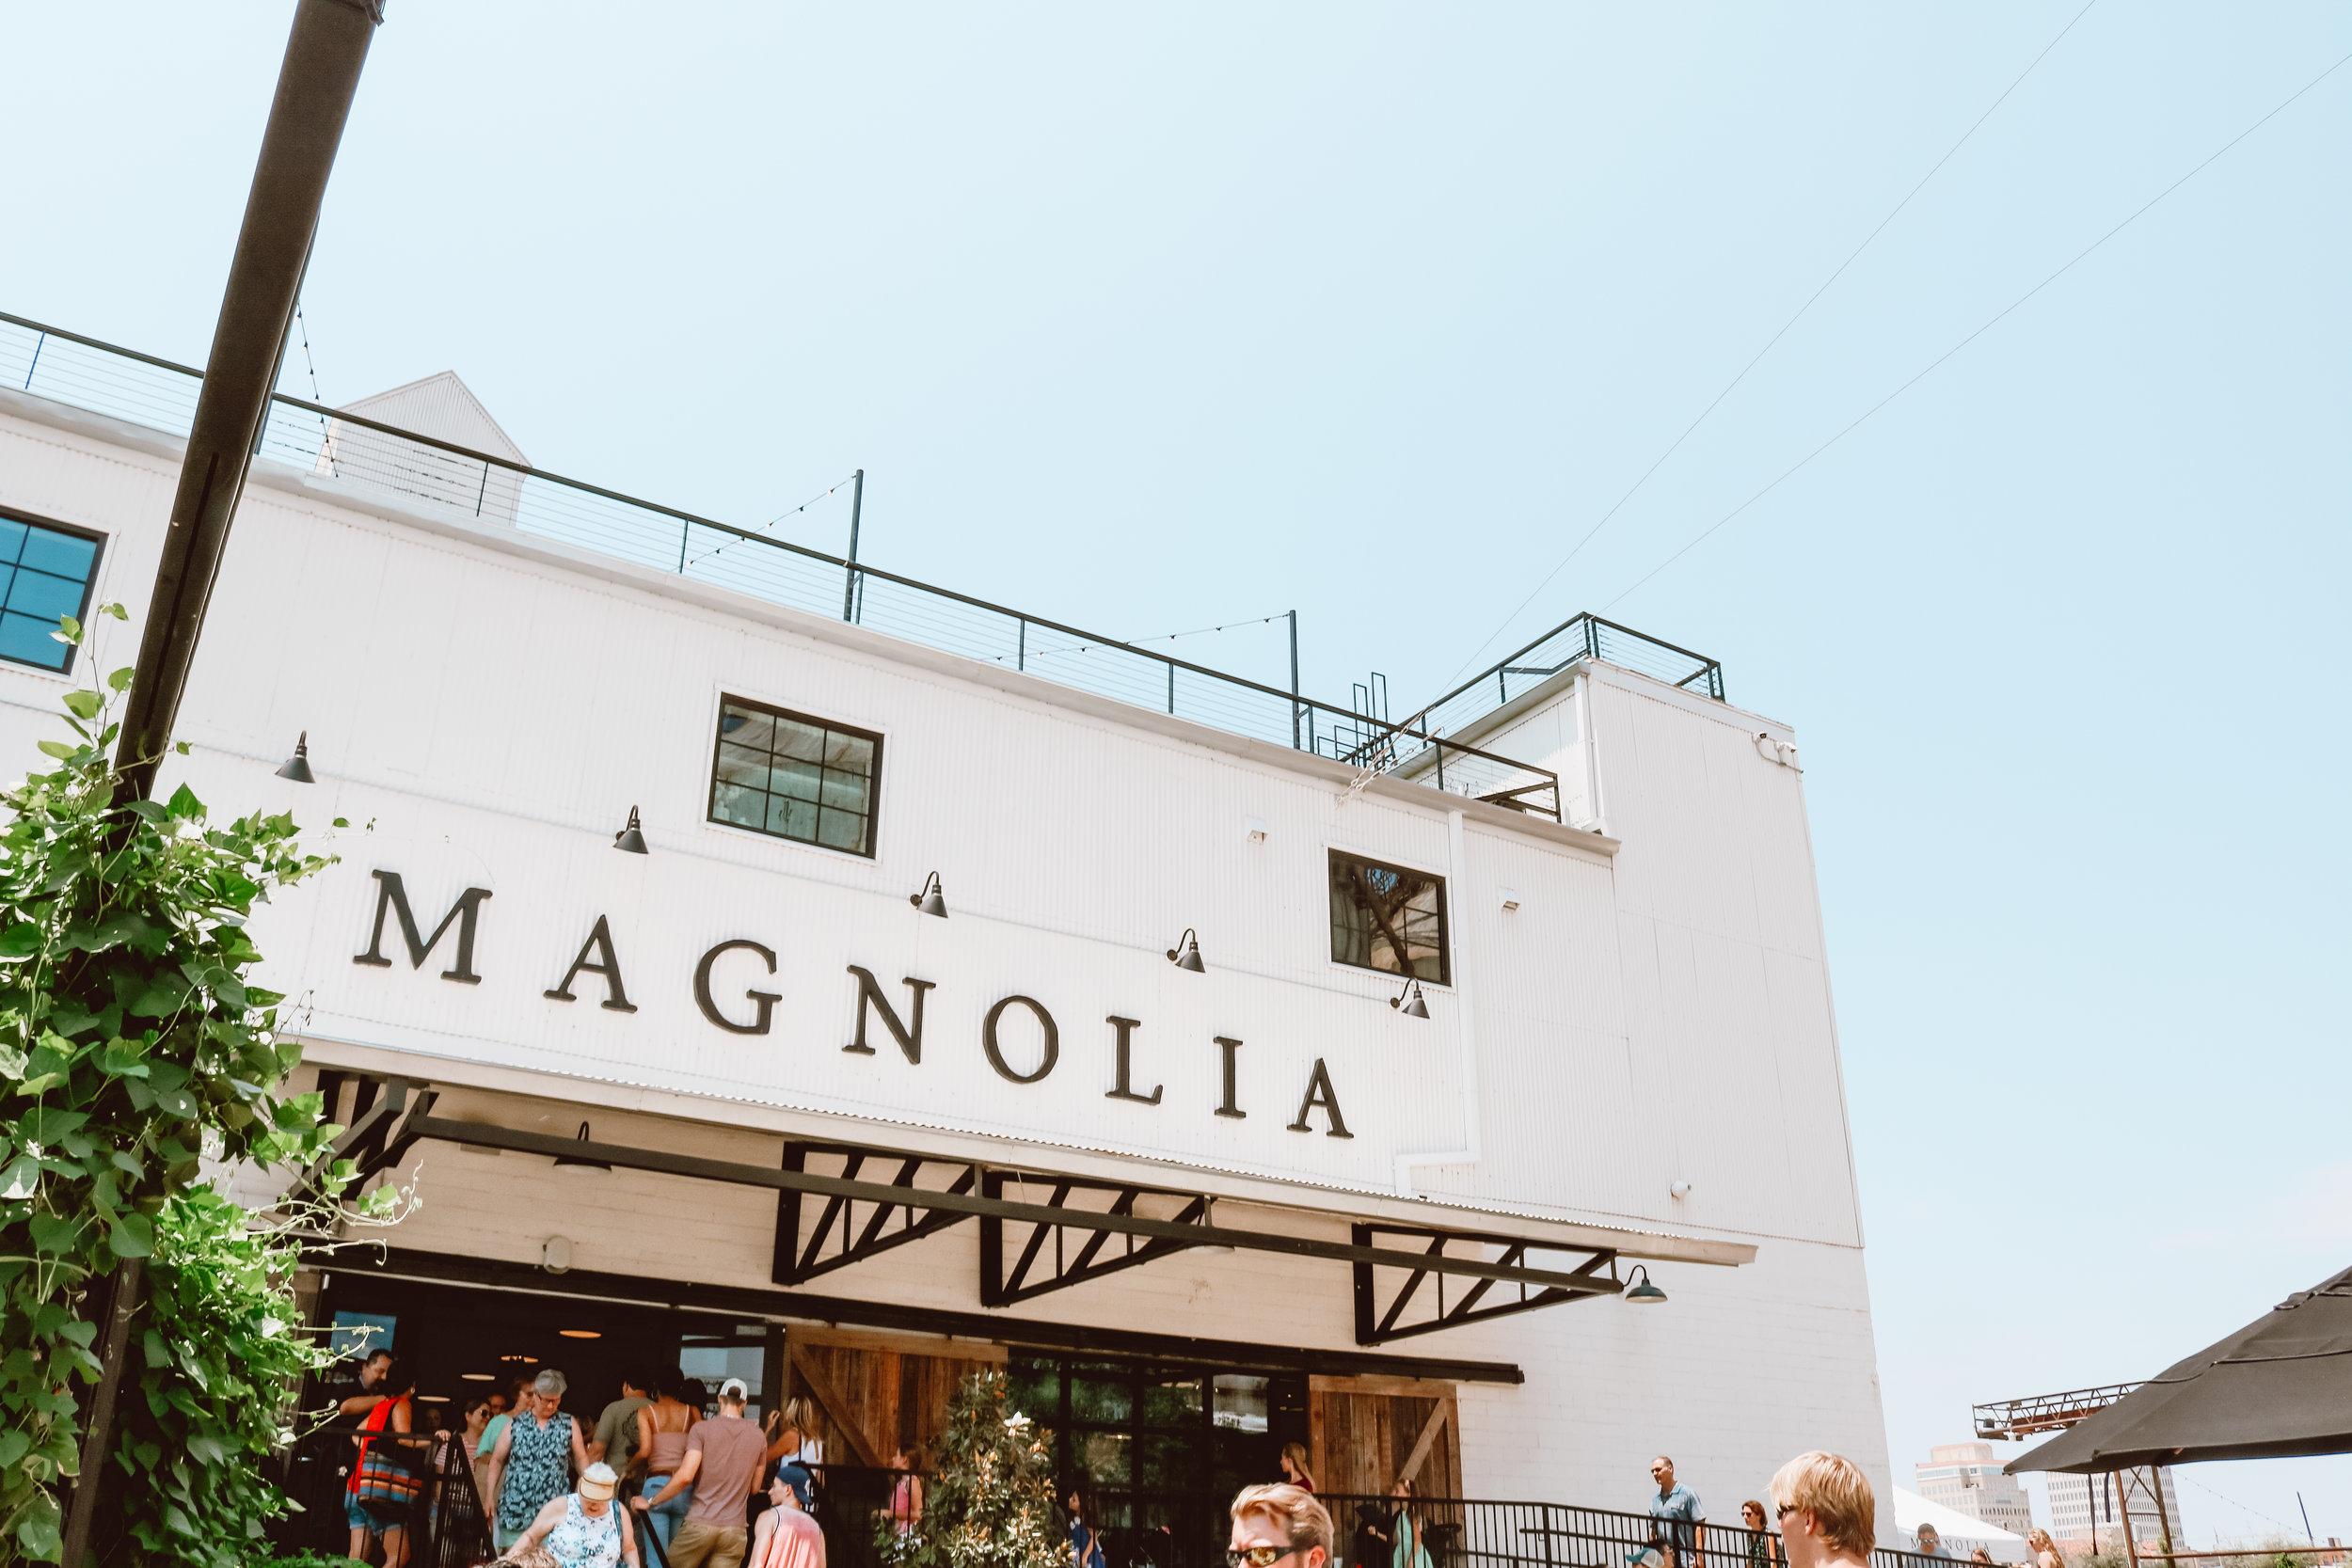 magnolia-silos-20.jpg